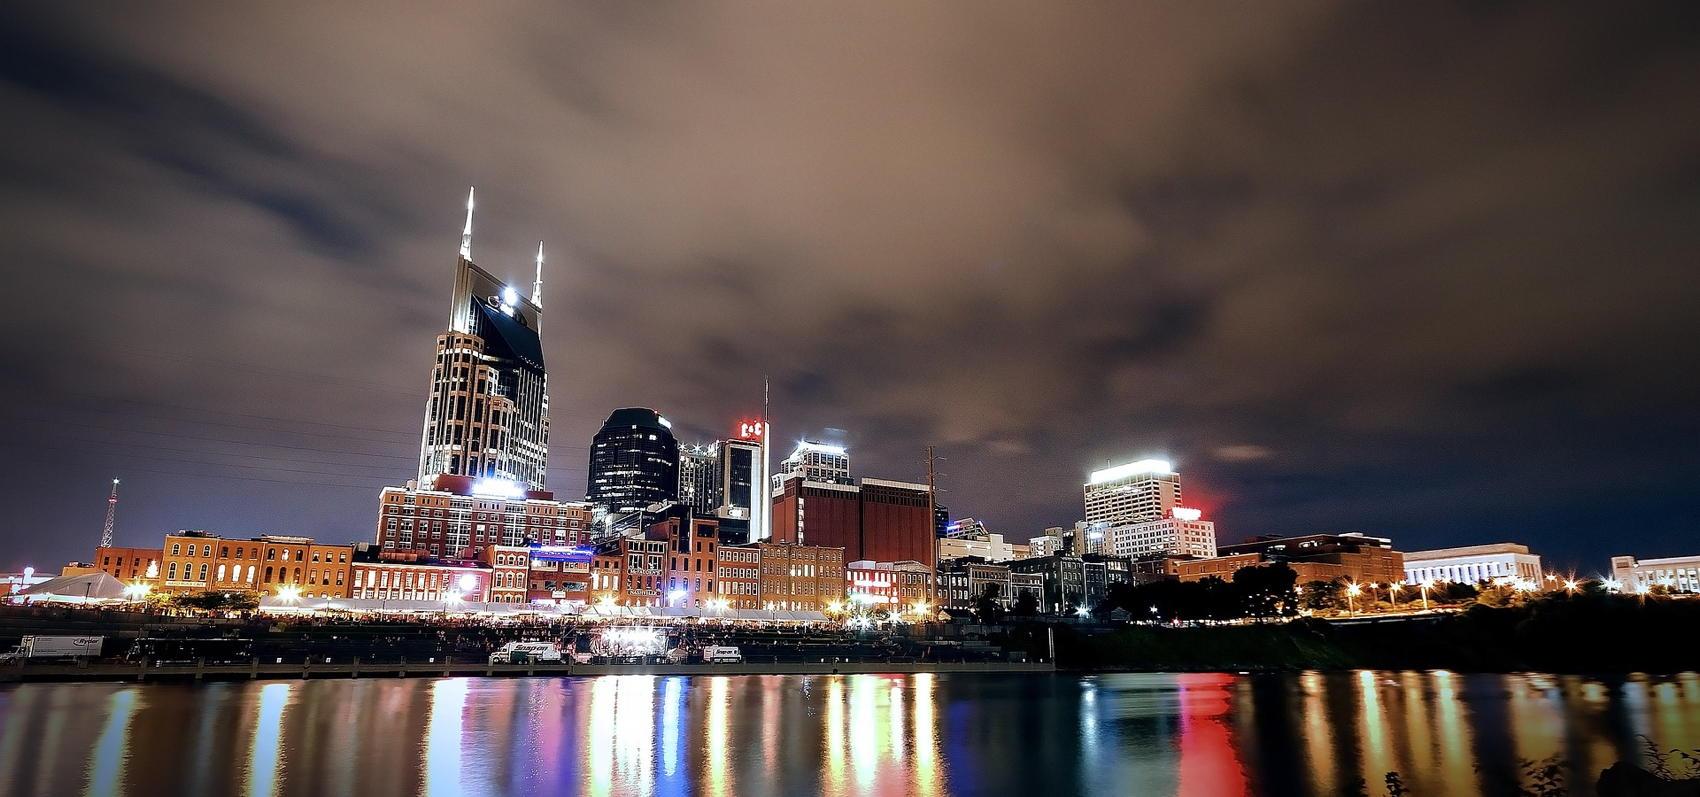 Nashville - Image by Garrett Hill